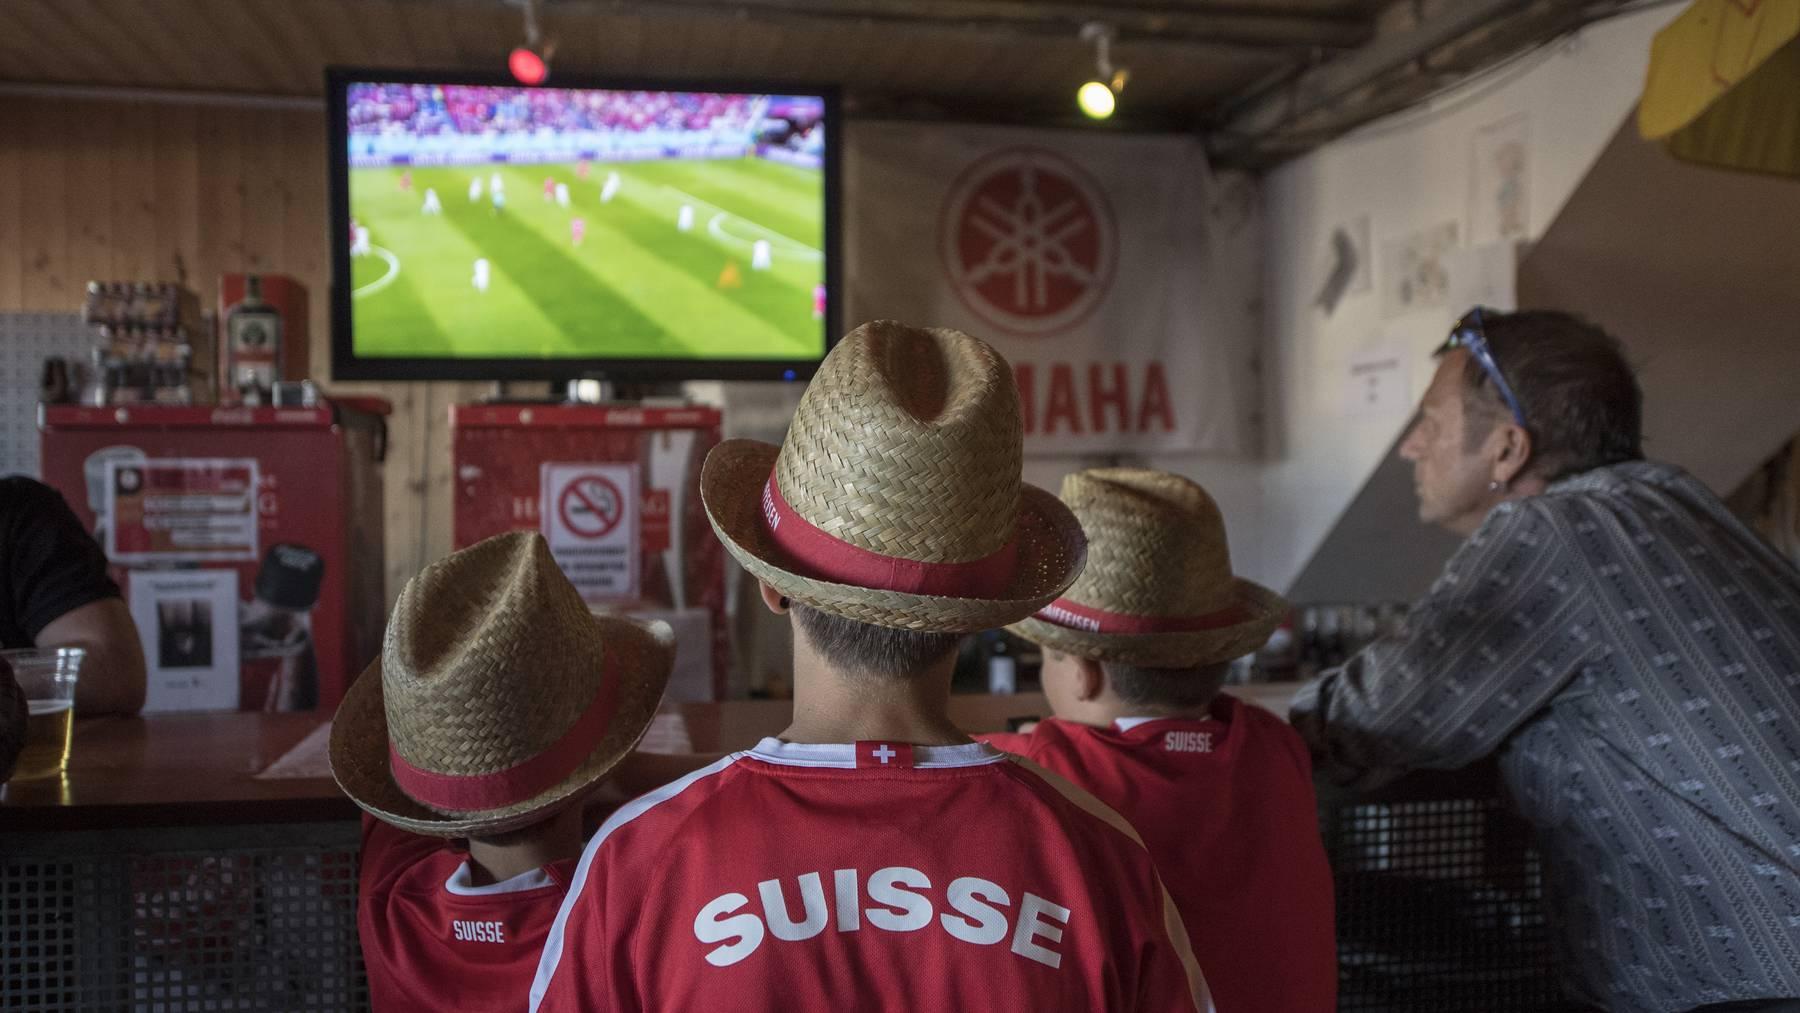 Schweizer Fussball Fans schauen das Spiel der Schweizer Fussball Nationalmannschaft gegen Serbien in einer Bar anlaesslich des 62. Zentralschweizer Jodlerfest vom Freitag, 22. Juni 2018 in Schoetz im Kanton Luzern.